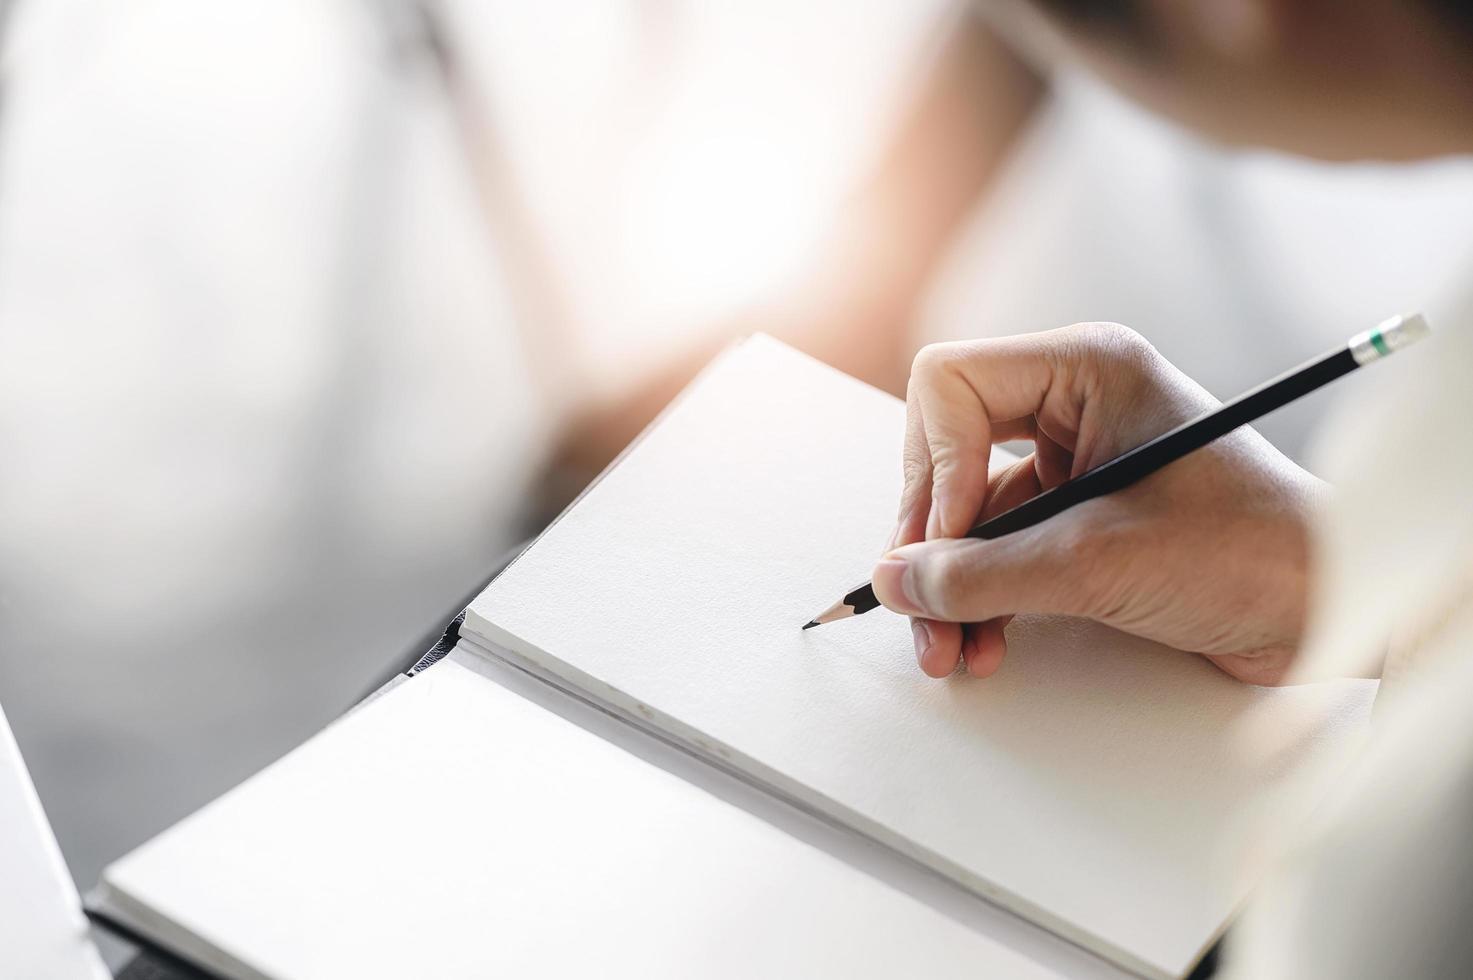 la mano dell'uomo scrive sul taccuino con la matita foto